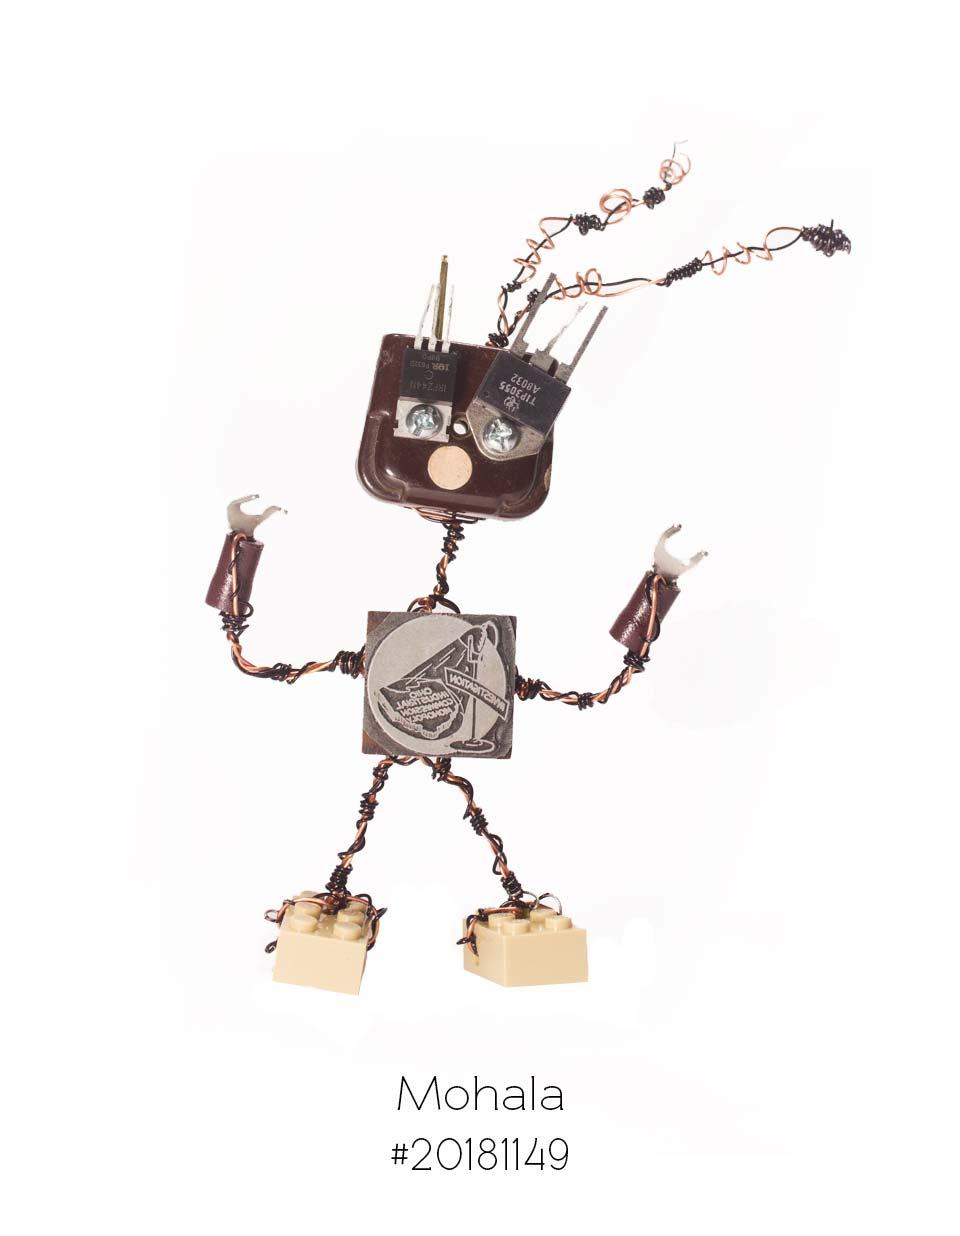 mohala-1